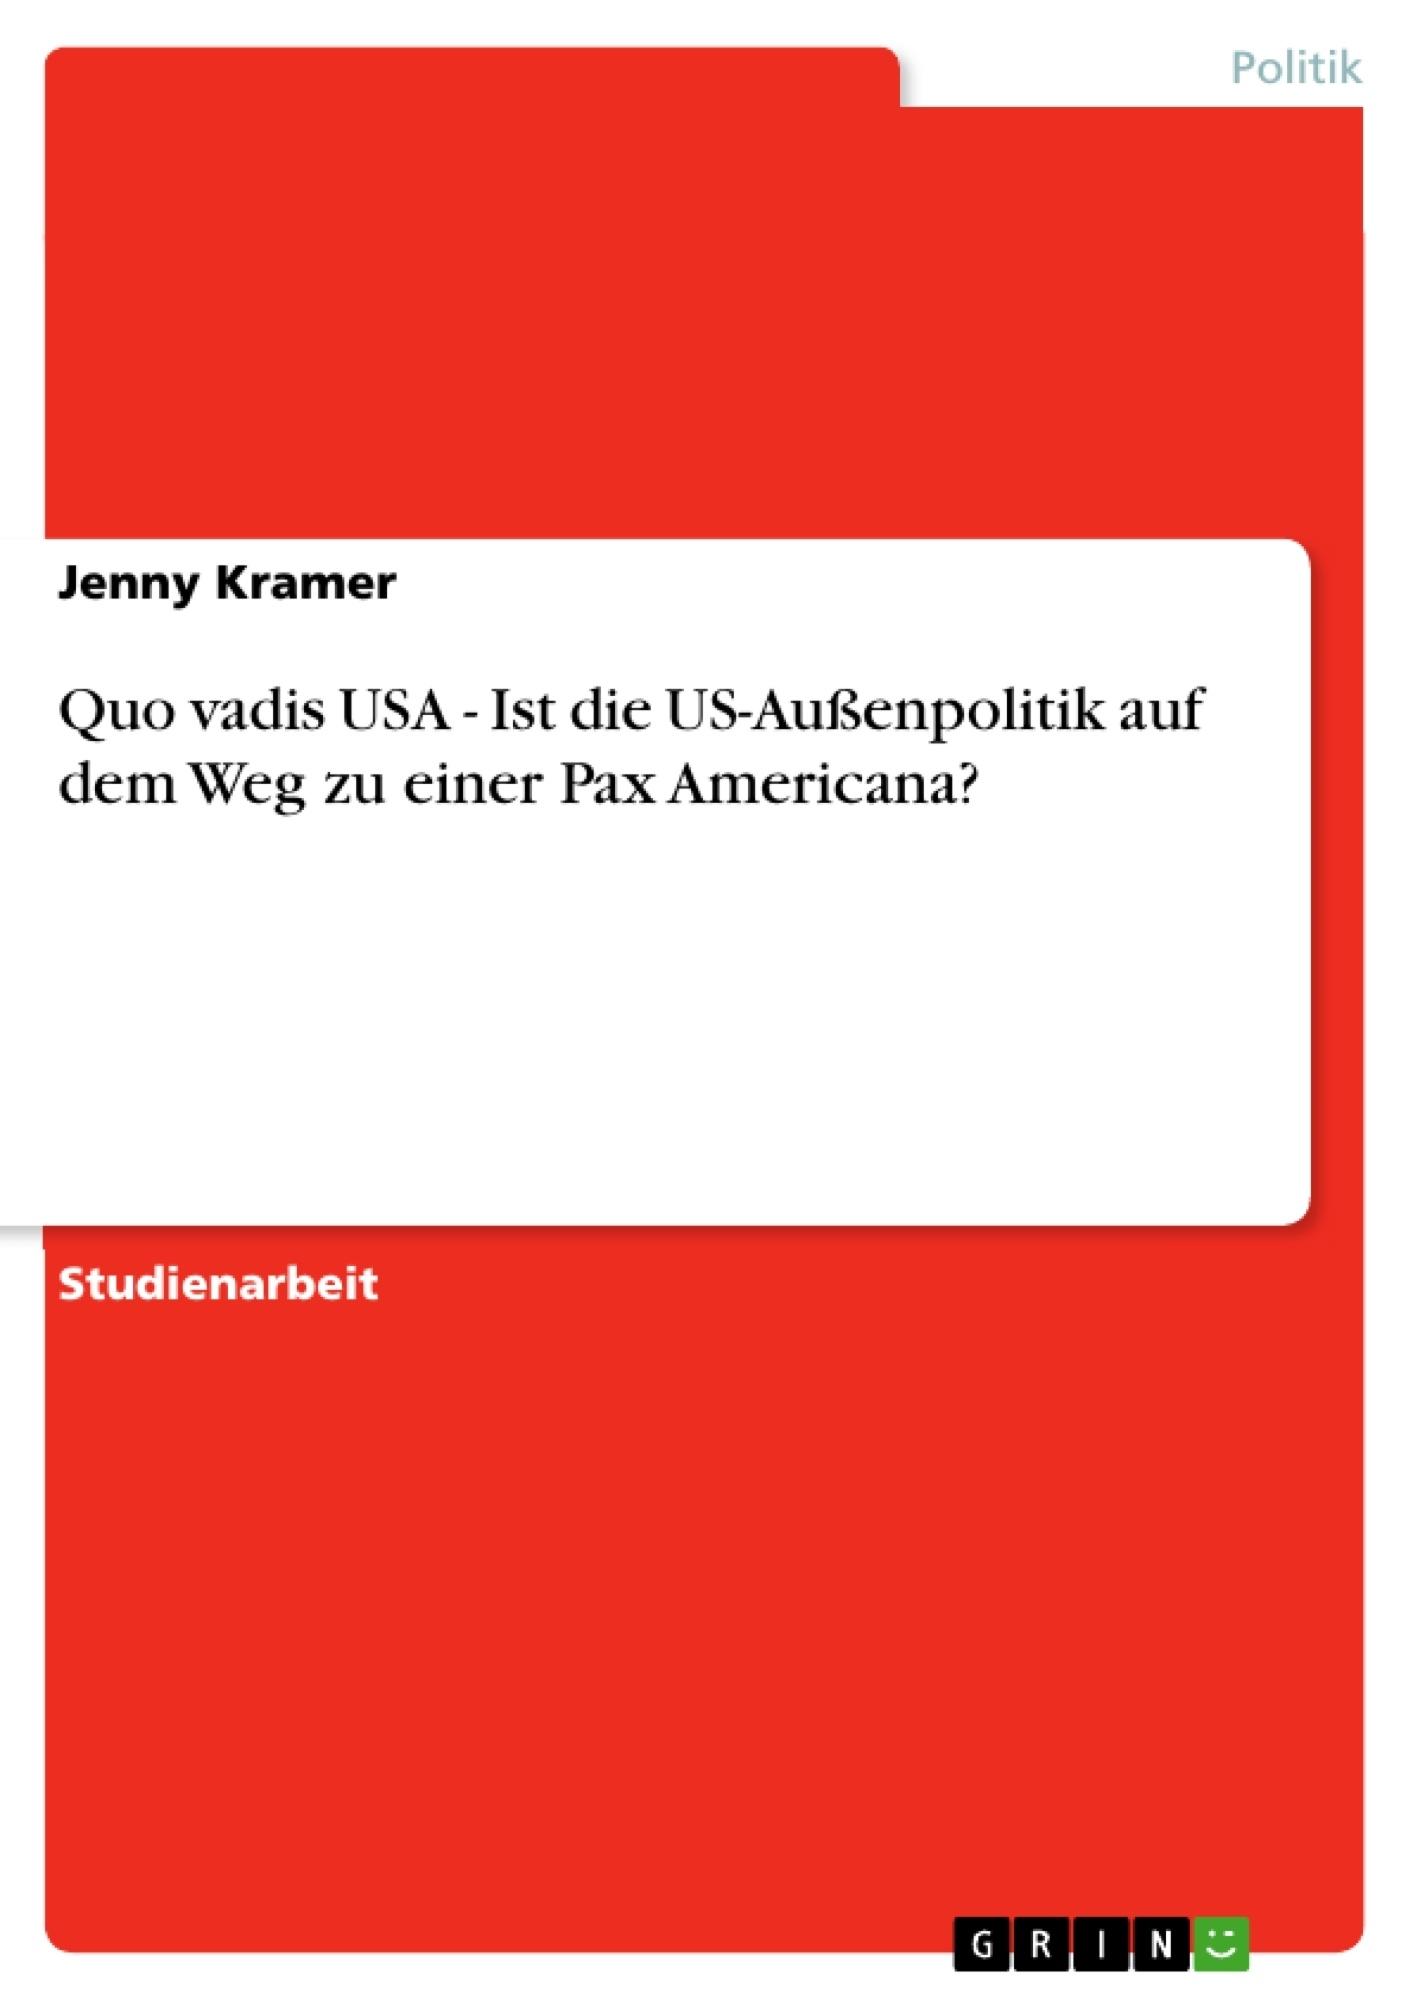 Titel: Quo vadis USA - Ist die US-Außenpolitik auf dem Weg zu einer Pax Americana?